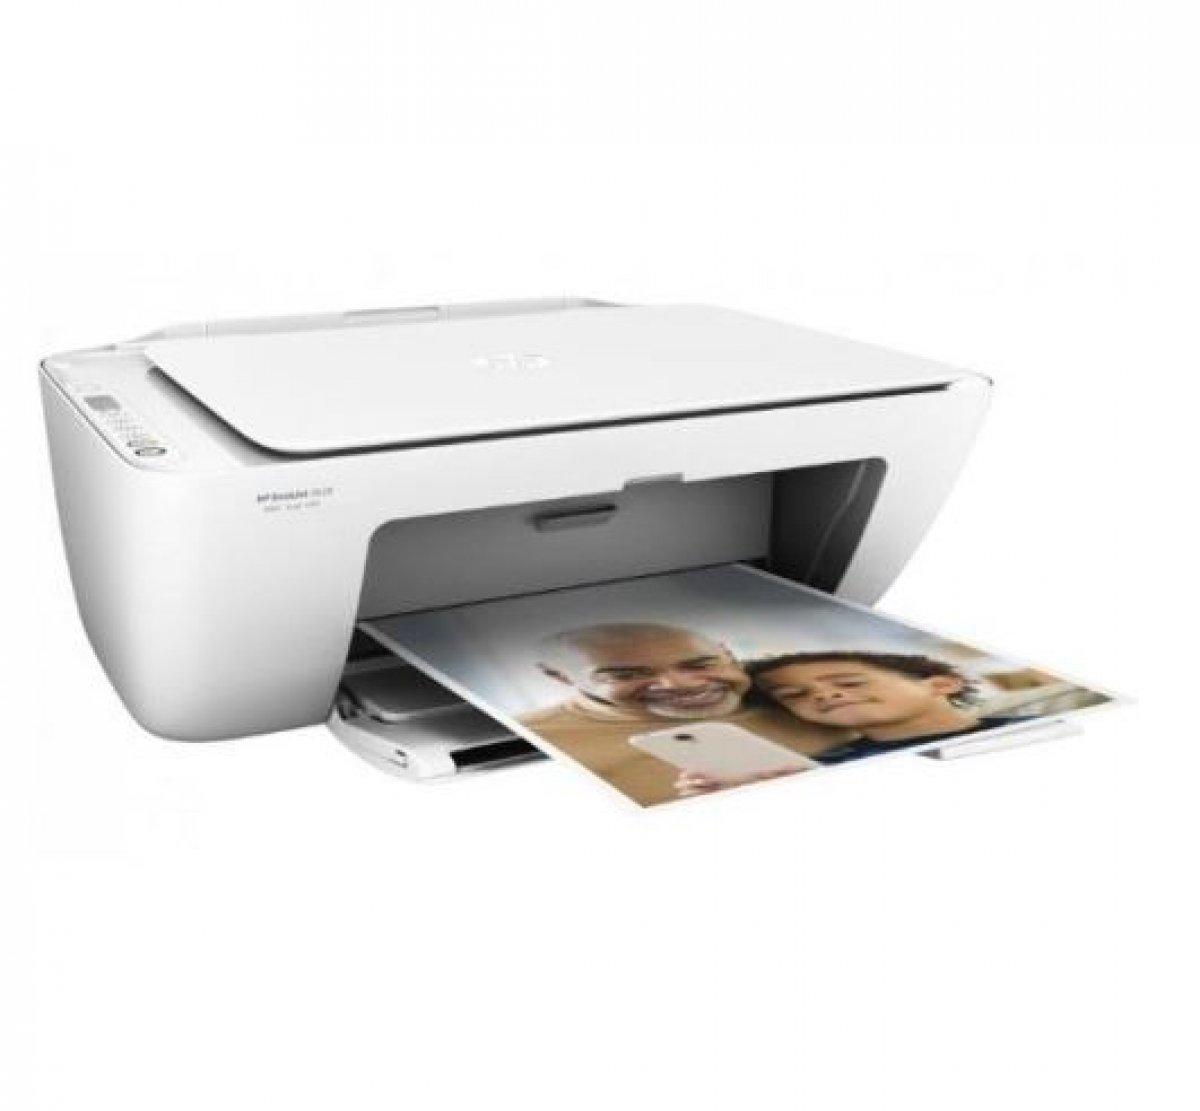 Urządzenie wielofunkcyjne HP DeskJet 2620 Wi-Fi